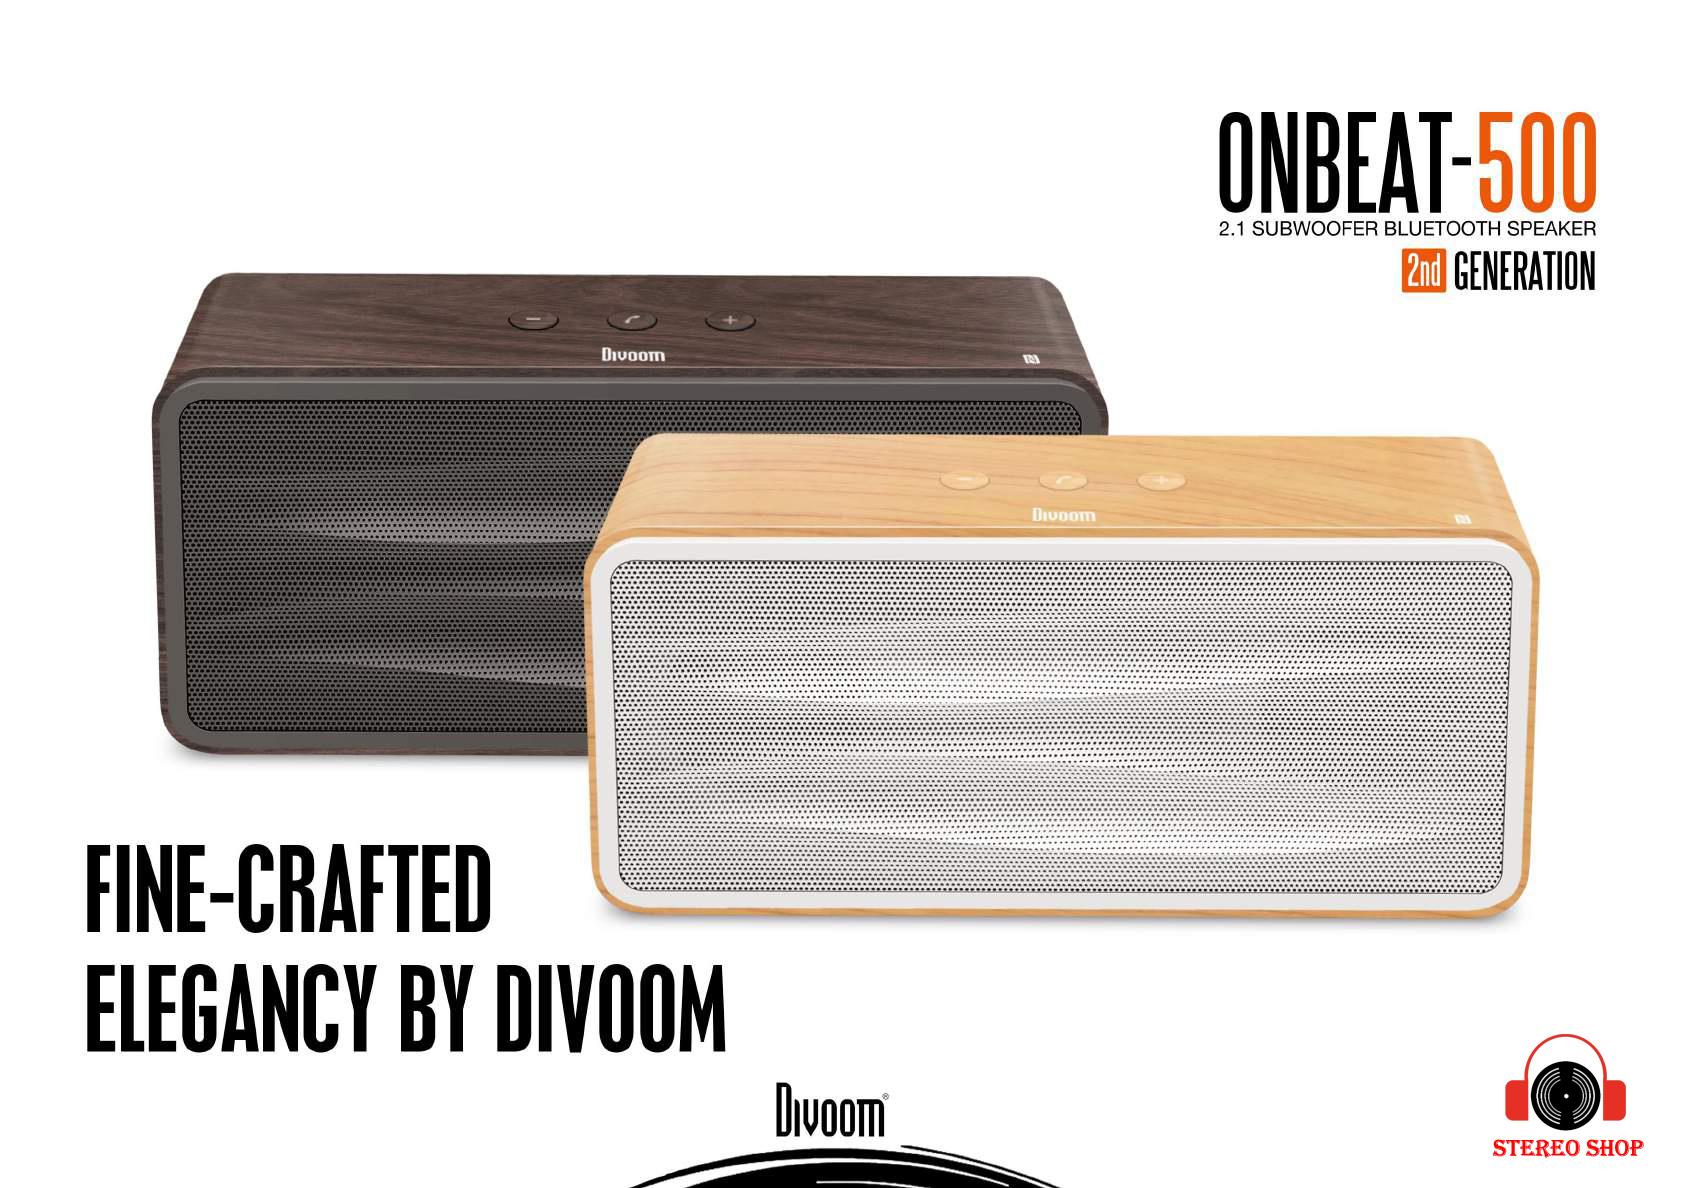 Divoom Onbeat-500